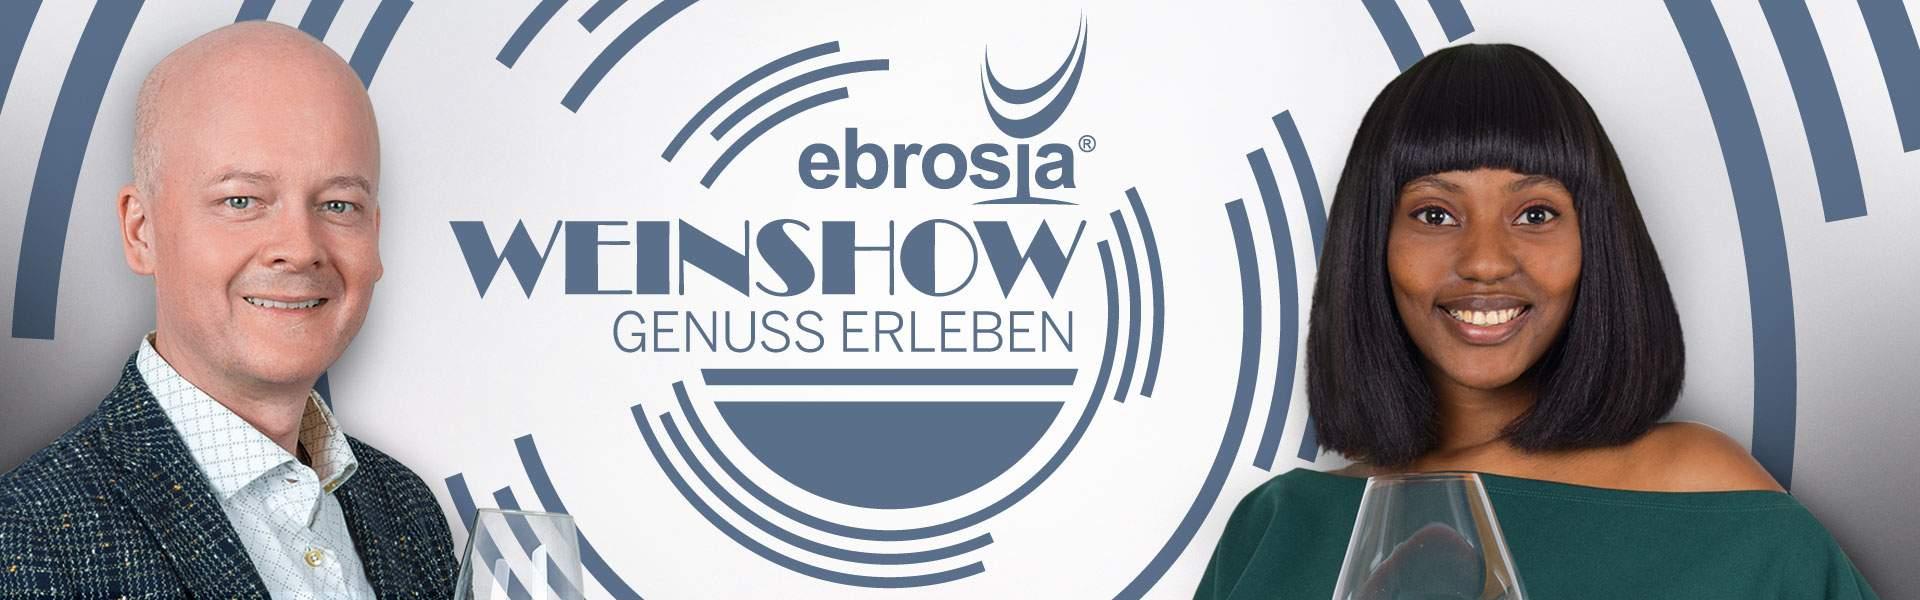 ebrosia Weinshow